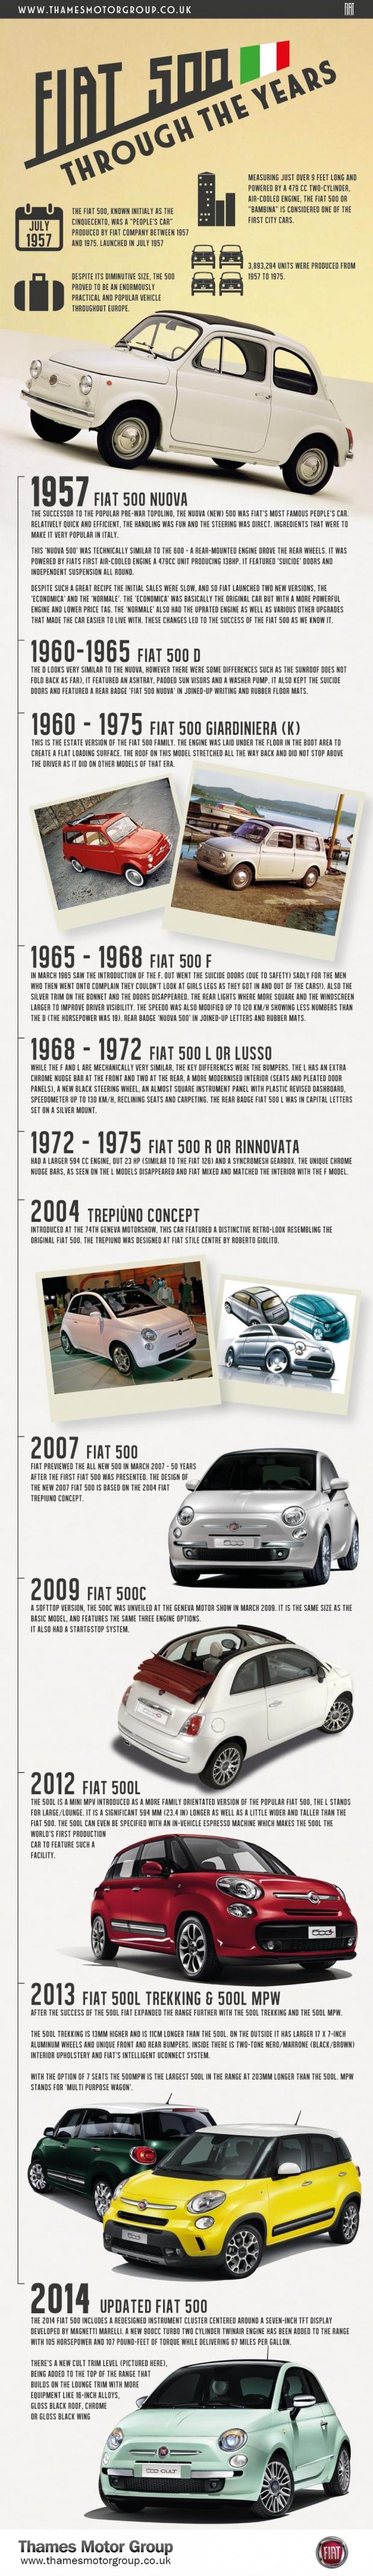 thamesmotorgroup.co_.uk-Fiat-500